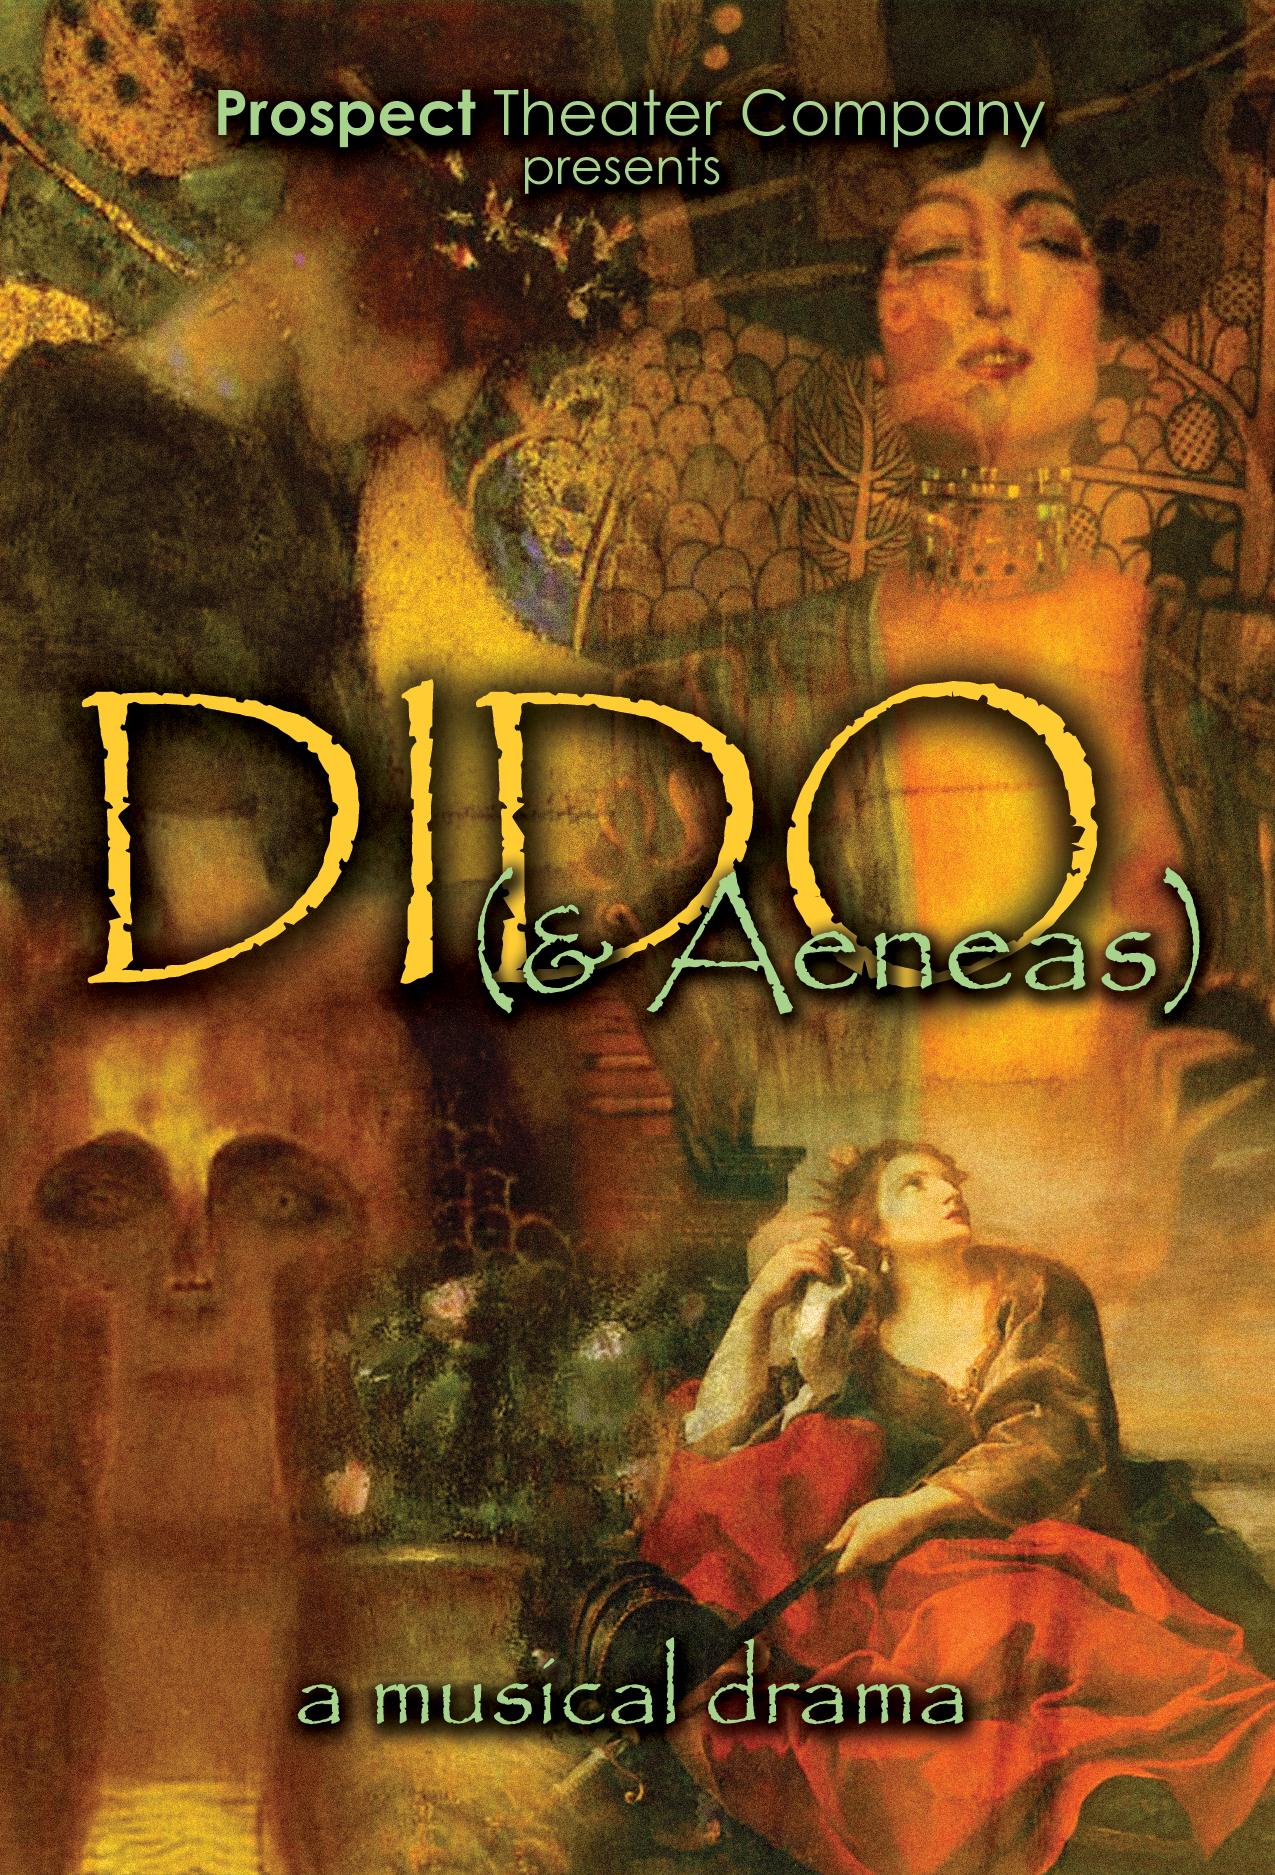 DIDO & Aeneas (2004)